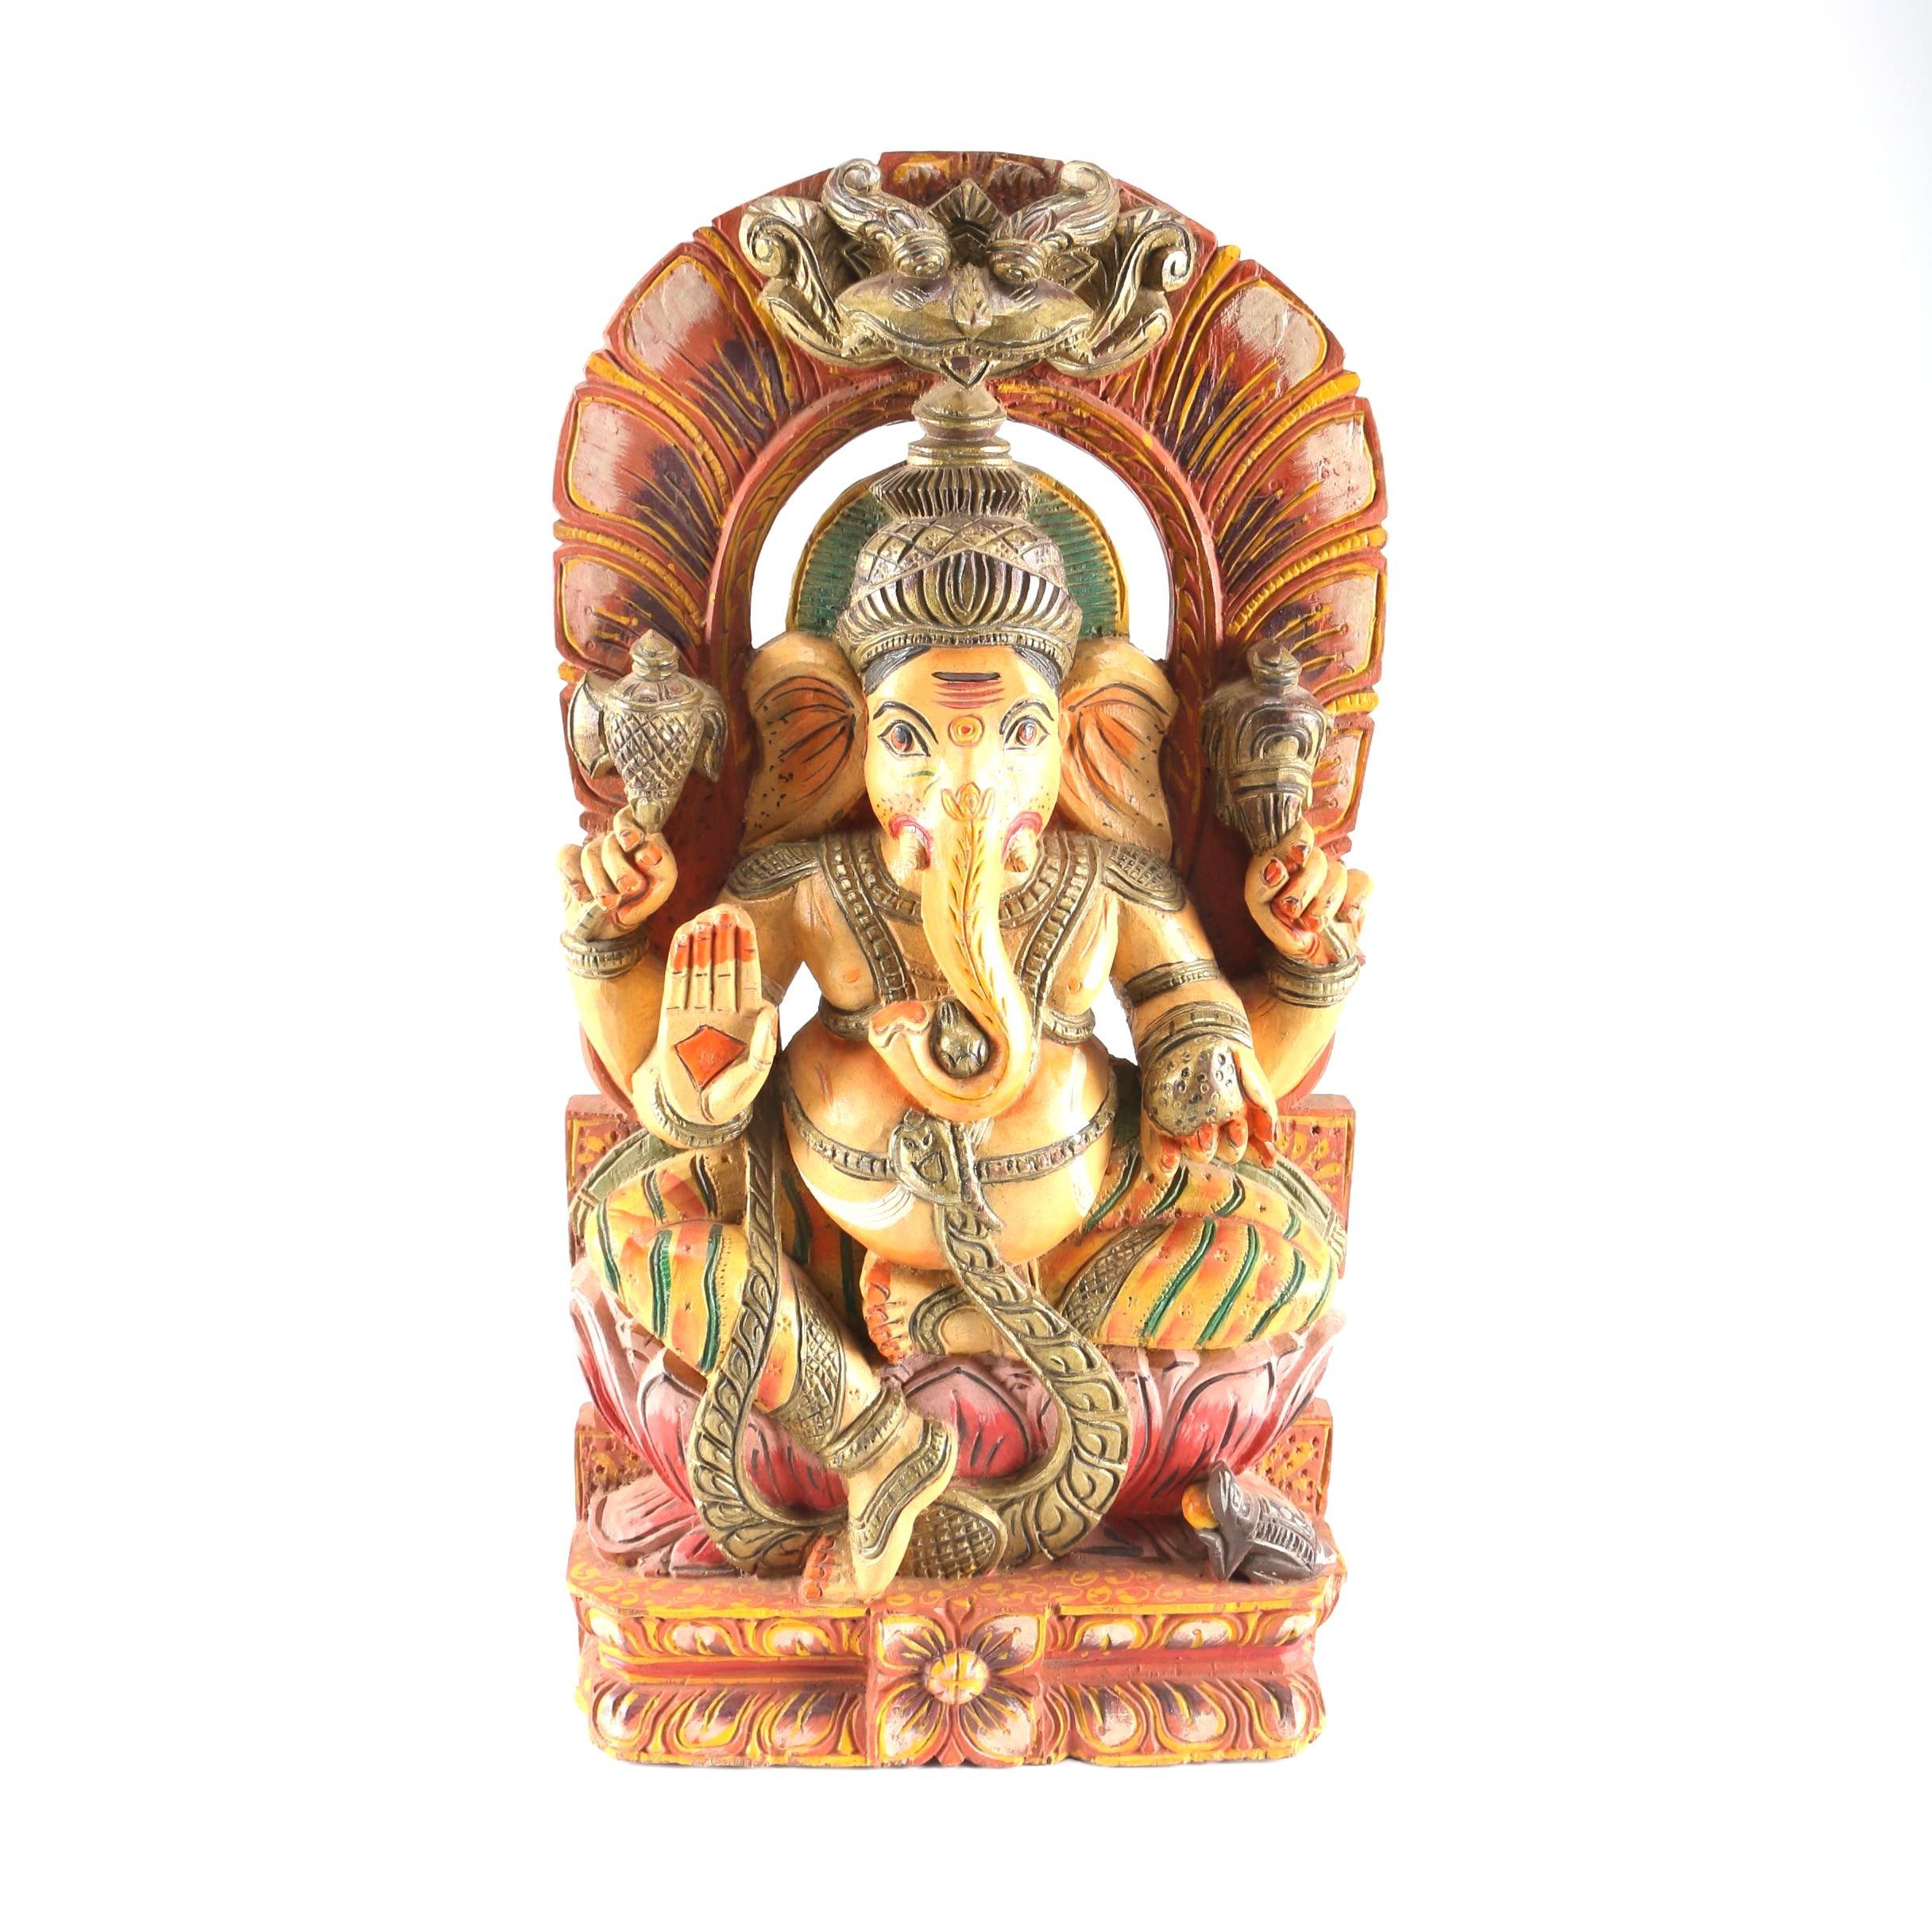 Wood Carving of Hindu Deity Ganesha